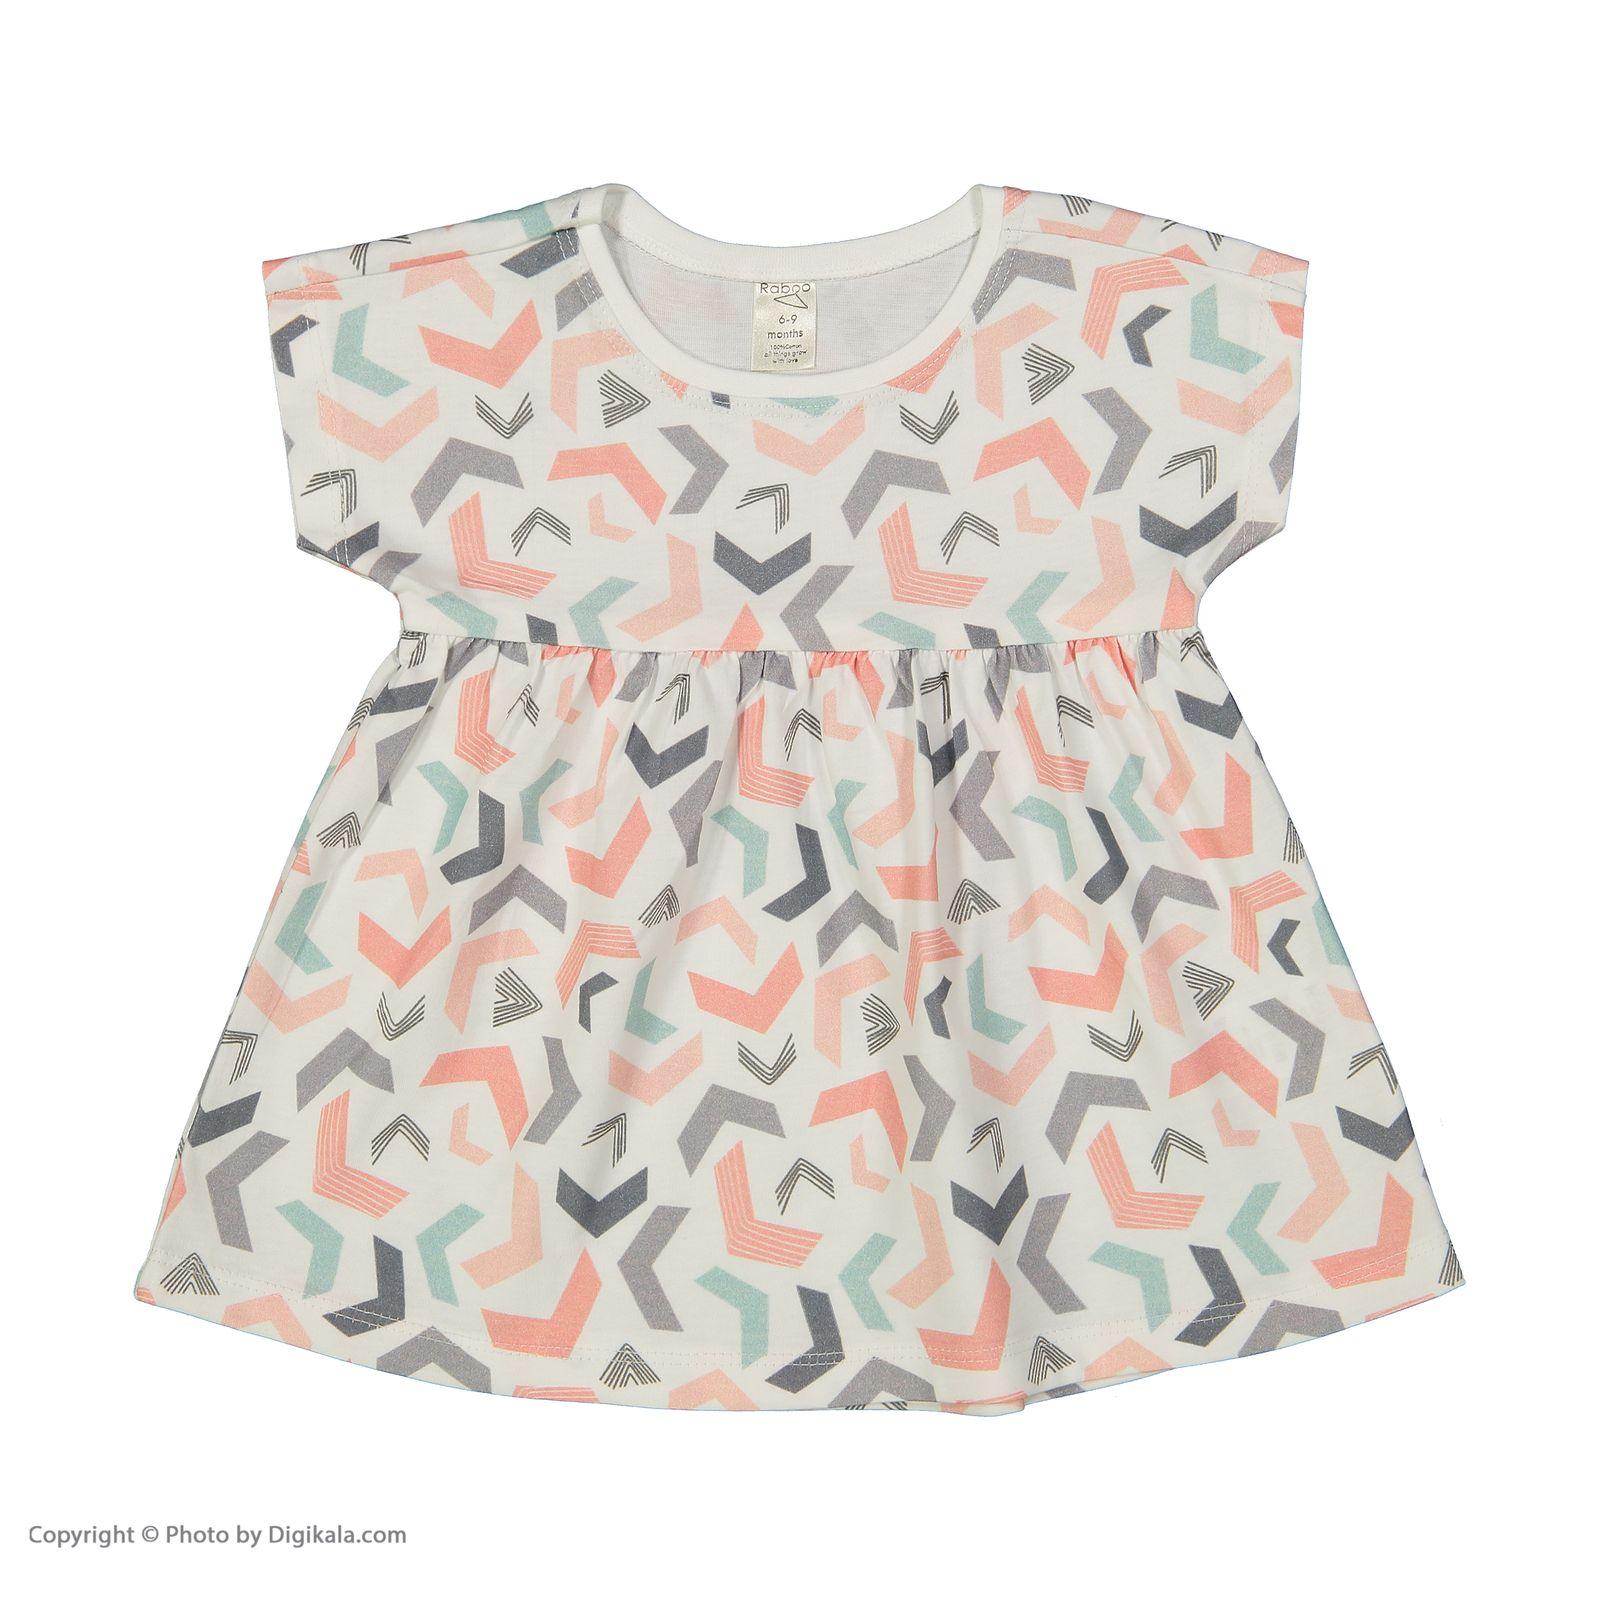 پیراهن دخترانه رابو مدل 2051129-01 -  - 1